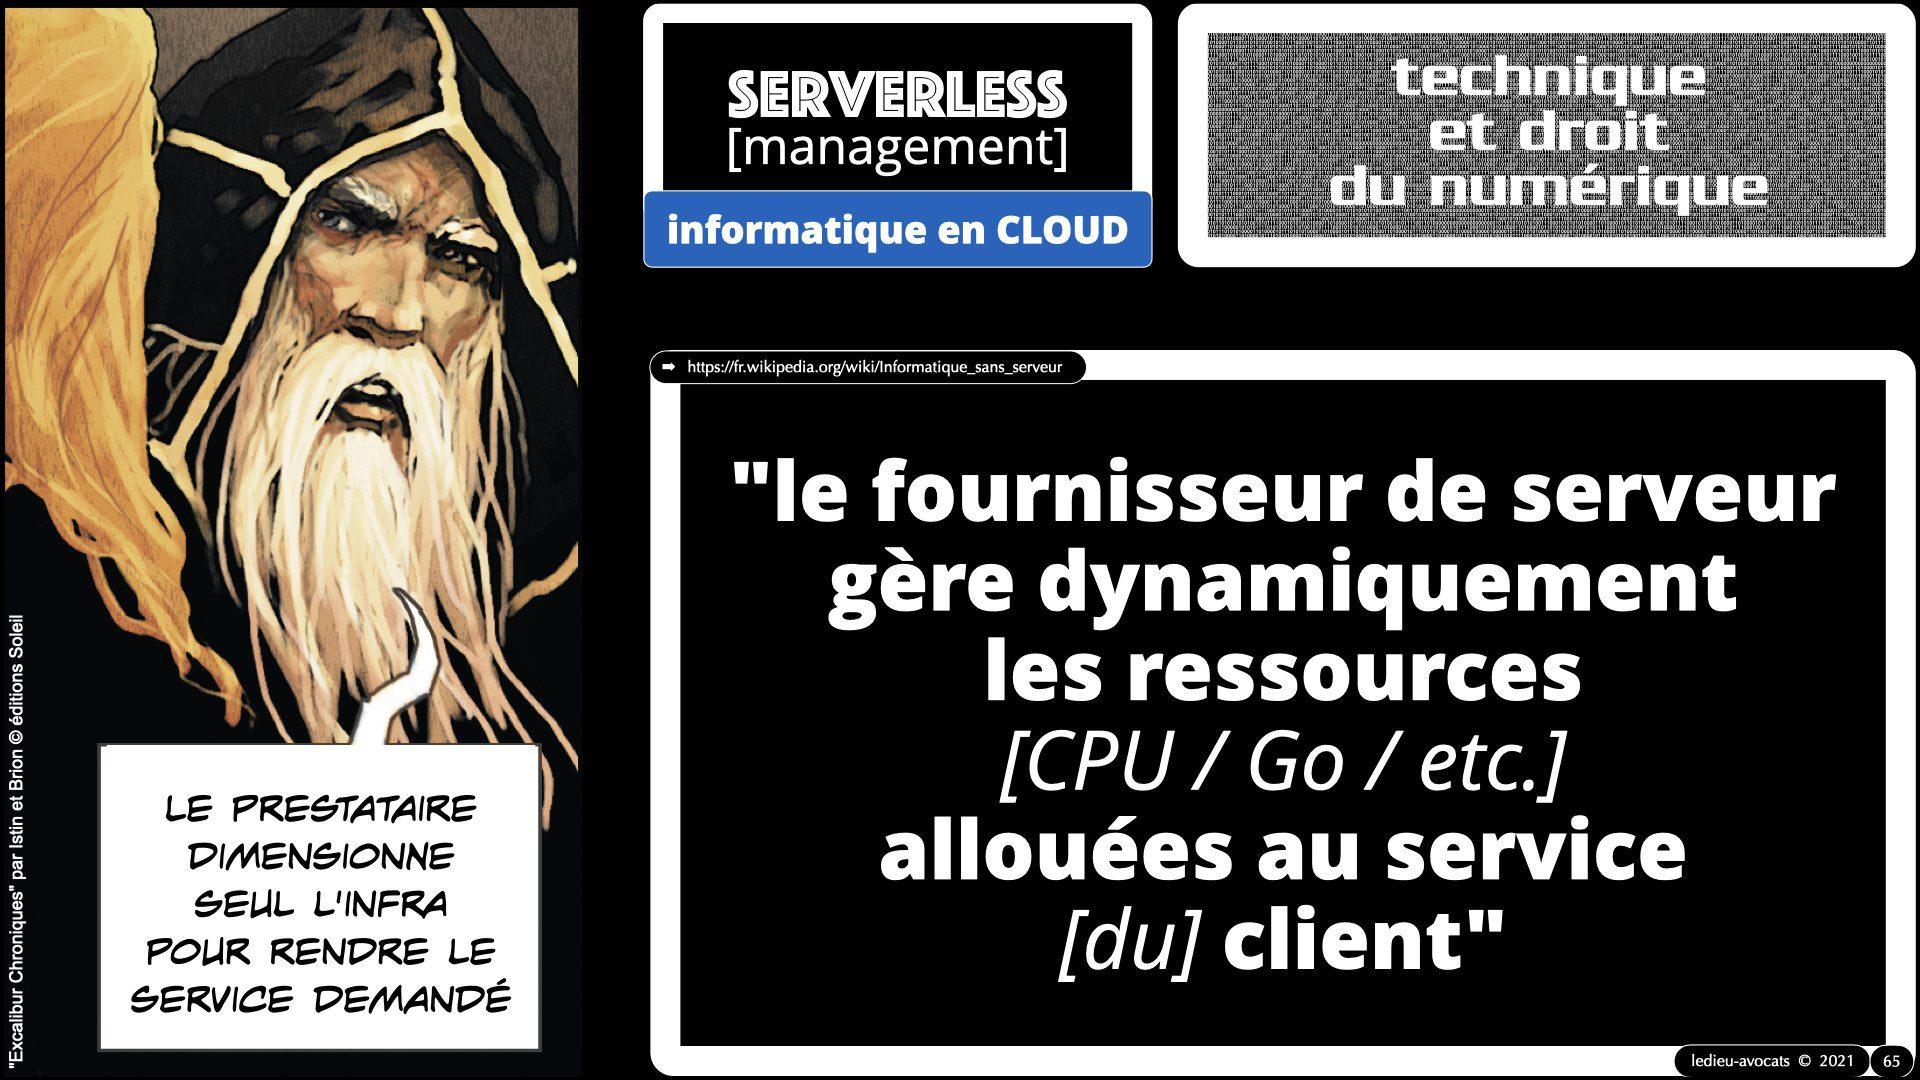 343 service LOGICIEL SaaS Software-as-a-Service cloud computing © Ledieu-Avocats technique droit numerique 30-08-2021.065